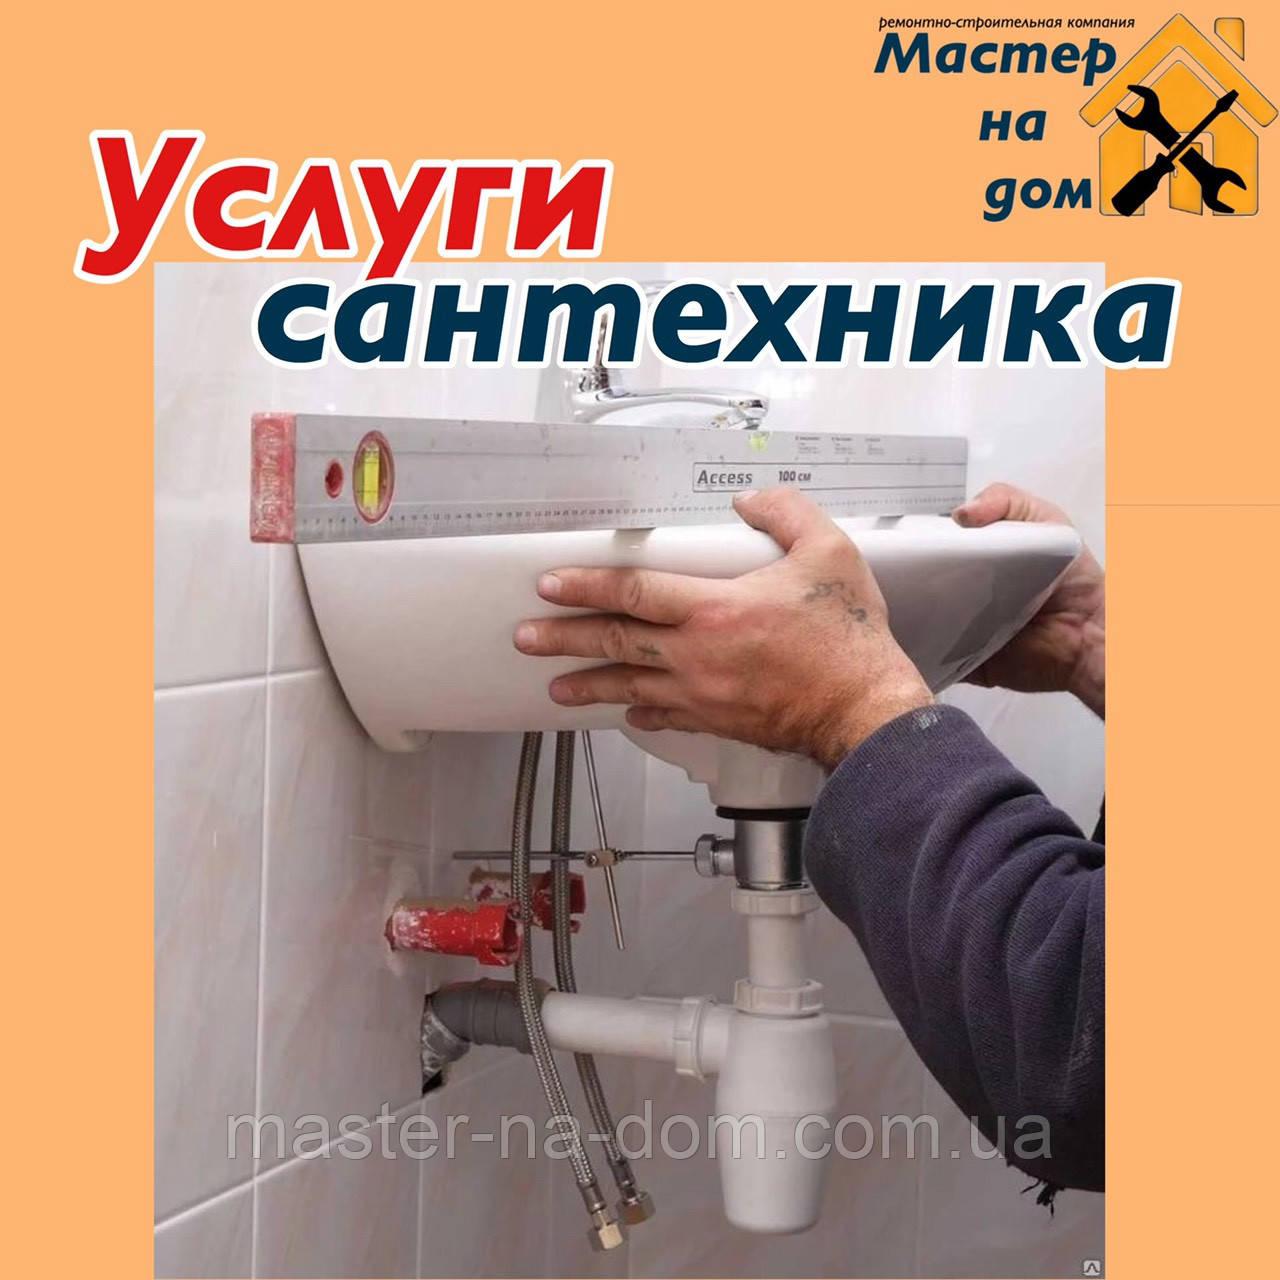 Услуги сантехника в Луцке, фото 1